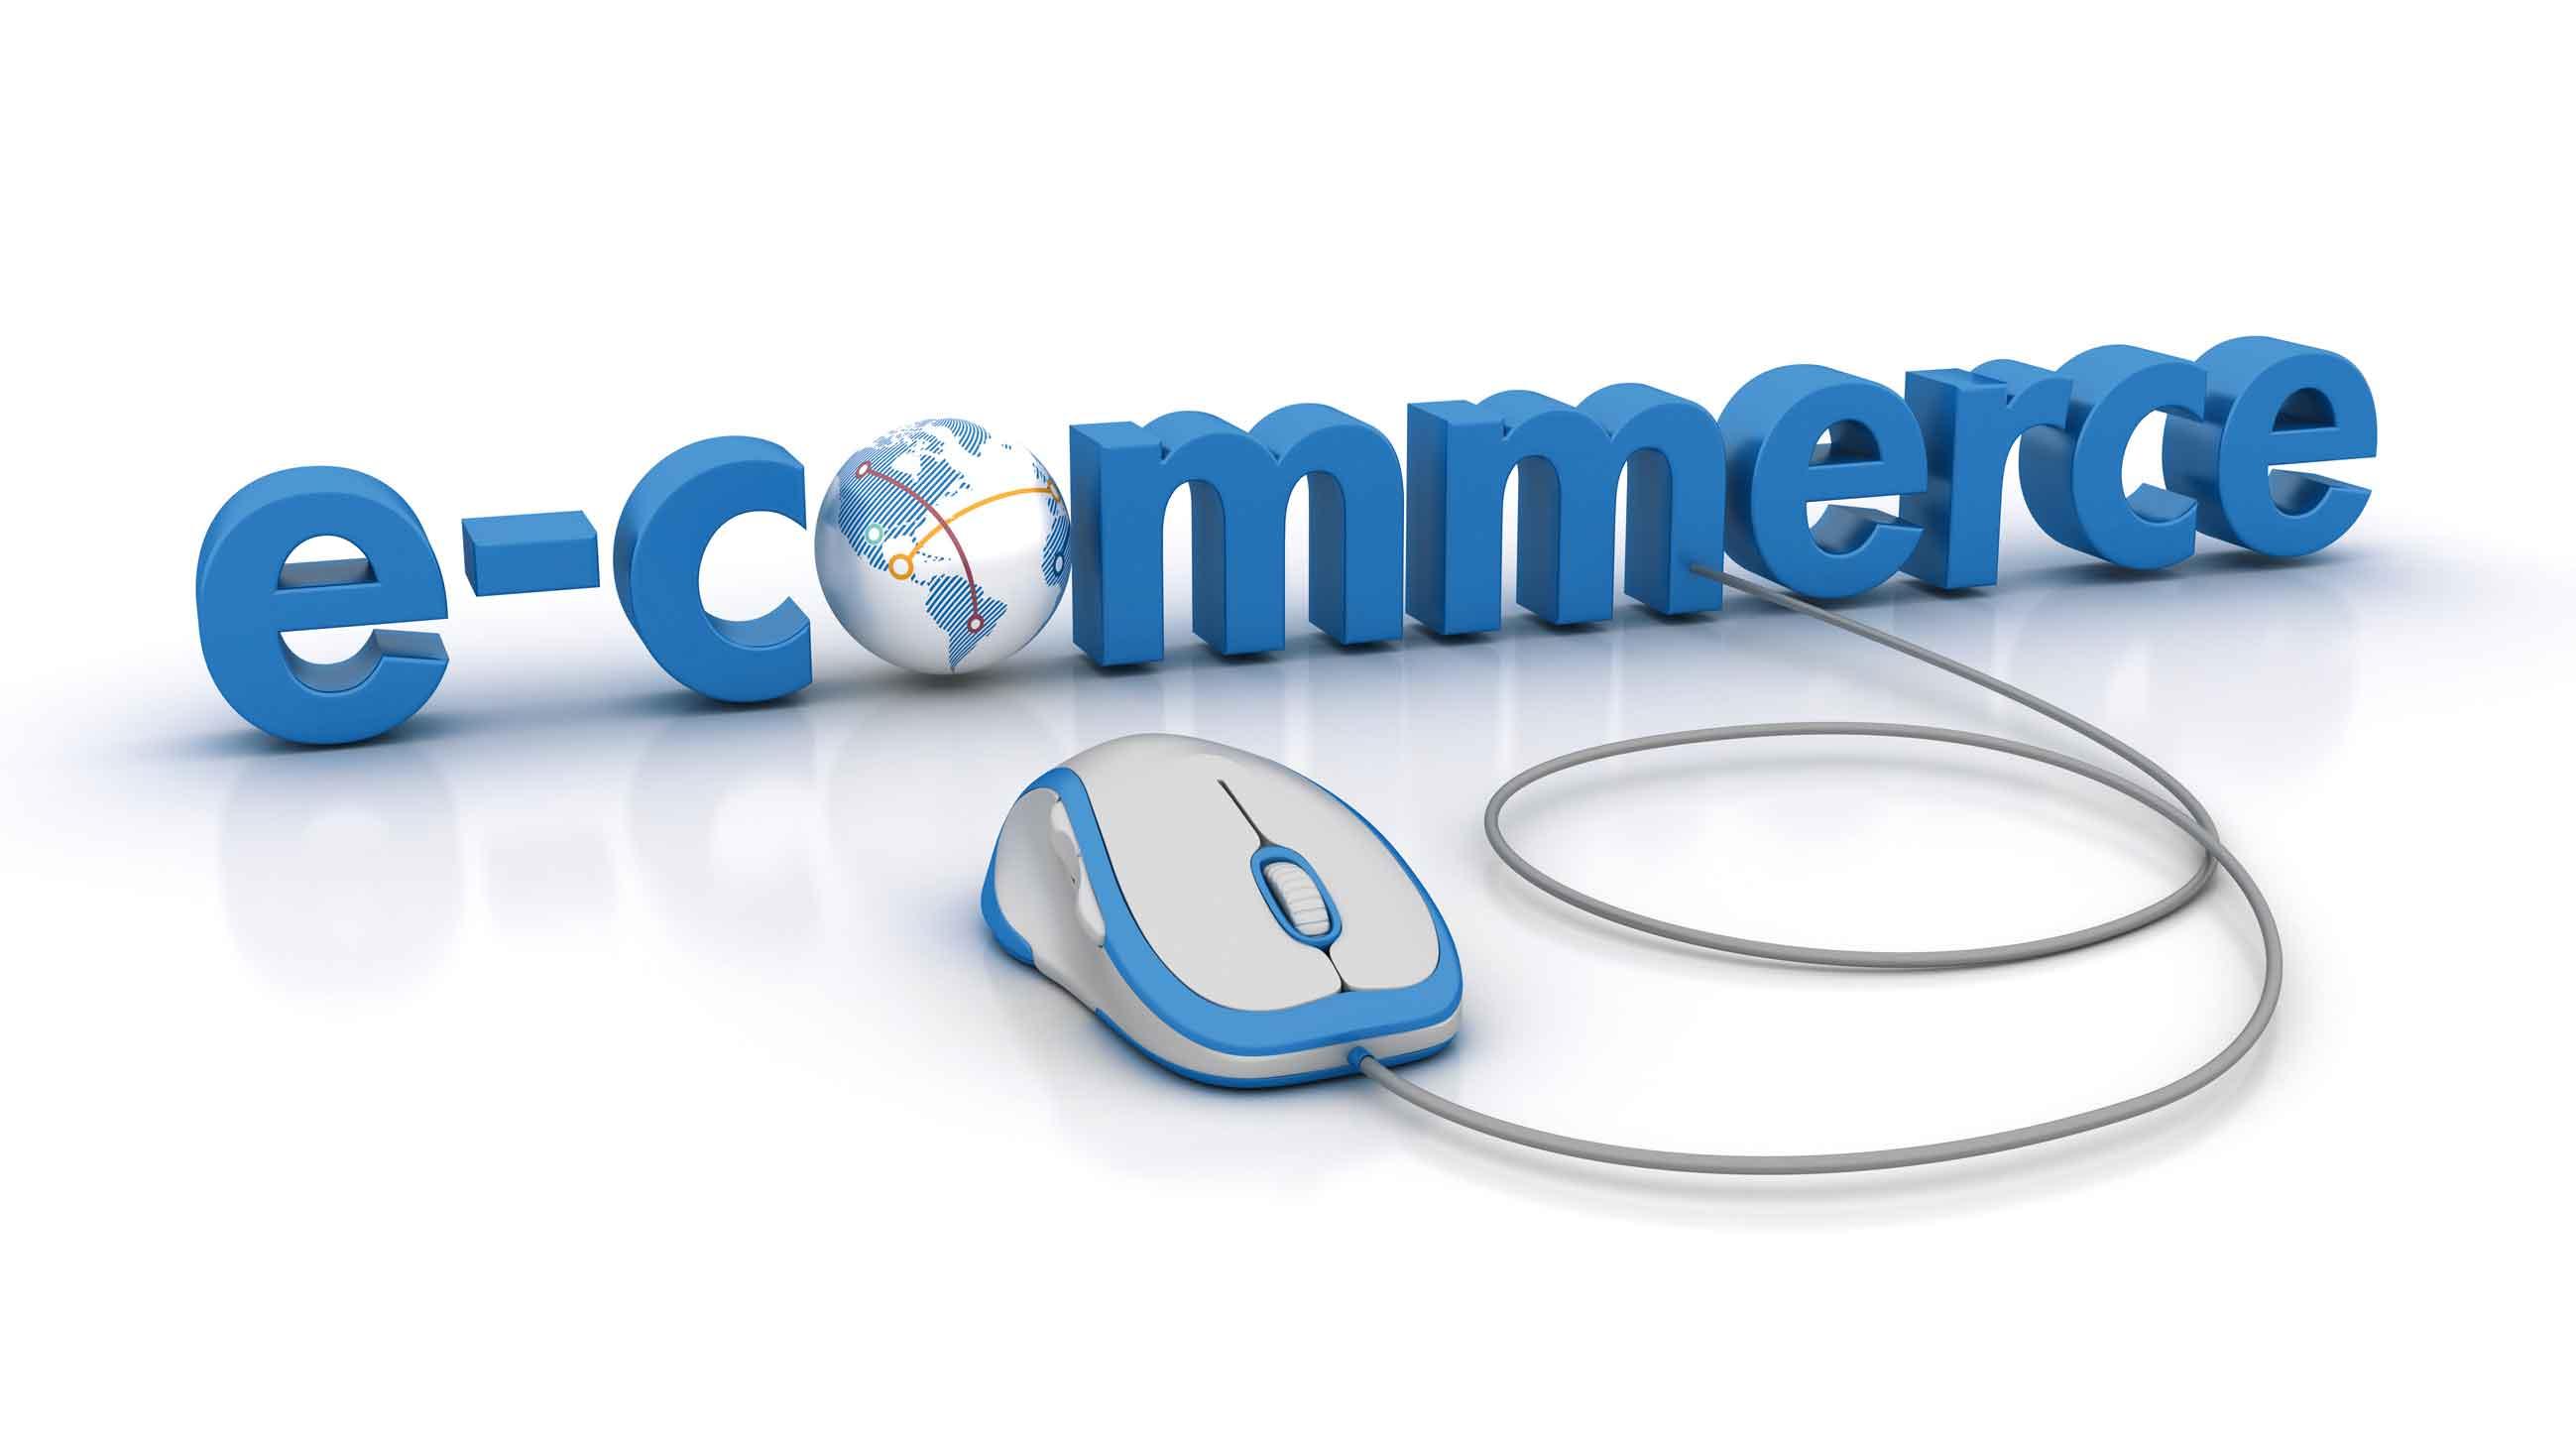 ماهى المؤثرات التي أحدثت طفرة في التجارة الإلكترونية أصبحت التجارة الإلكترونية تستخدم في العديد من الأنشطة الحياتية لكثيرمن شعوب العالم والتي هي ذات ارتباط بثورة تكنولوجيا المعلومات والاتصالات, فهى منهج حديث في الأعمال موجه إلى السلع والخدمات وسرعة الأداء إنتاج، وترويج، وبيع، وتوزيع المنتجات بواسطة شبكة اتصالات من أجل الإسراع في التبادل التجاري , فهذا يعزز من فرص جني مزيد من الأرباح, وتحقيق الانتشار السلعي وفتح أسواق جديدة وانخفاض تكلفة إنشاء المواقع والمدونات والمنصات الإليكترونية ويساعد أيضا للمشترين الانتقاء من بين الكثير من السلع والمنتجات والخدمات المعروضة , سنتحدث عن بعض العوامل التي كان لها تأثير كبير على انتشار ونمو في التجارة الالكترونية.